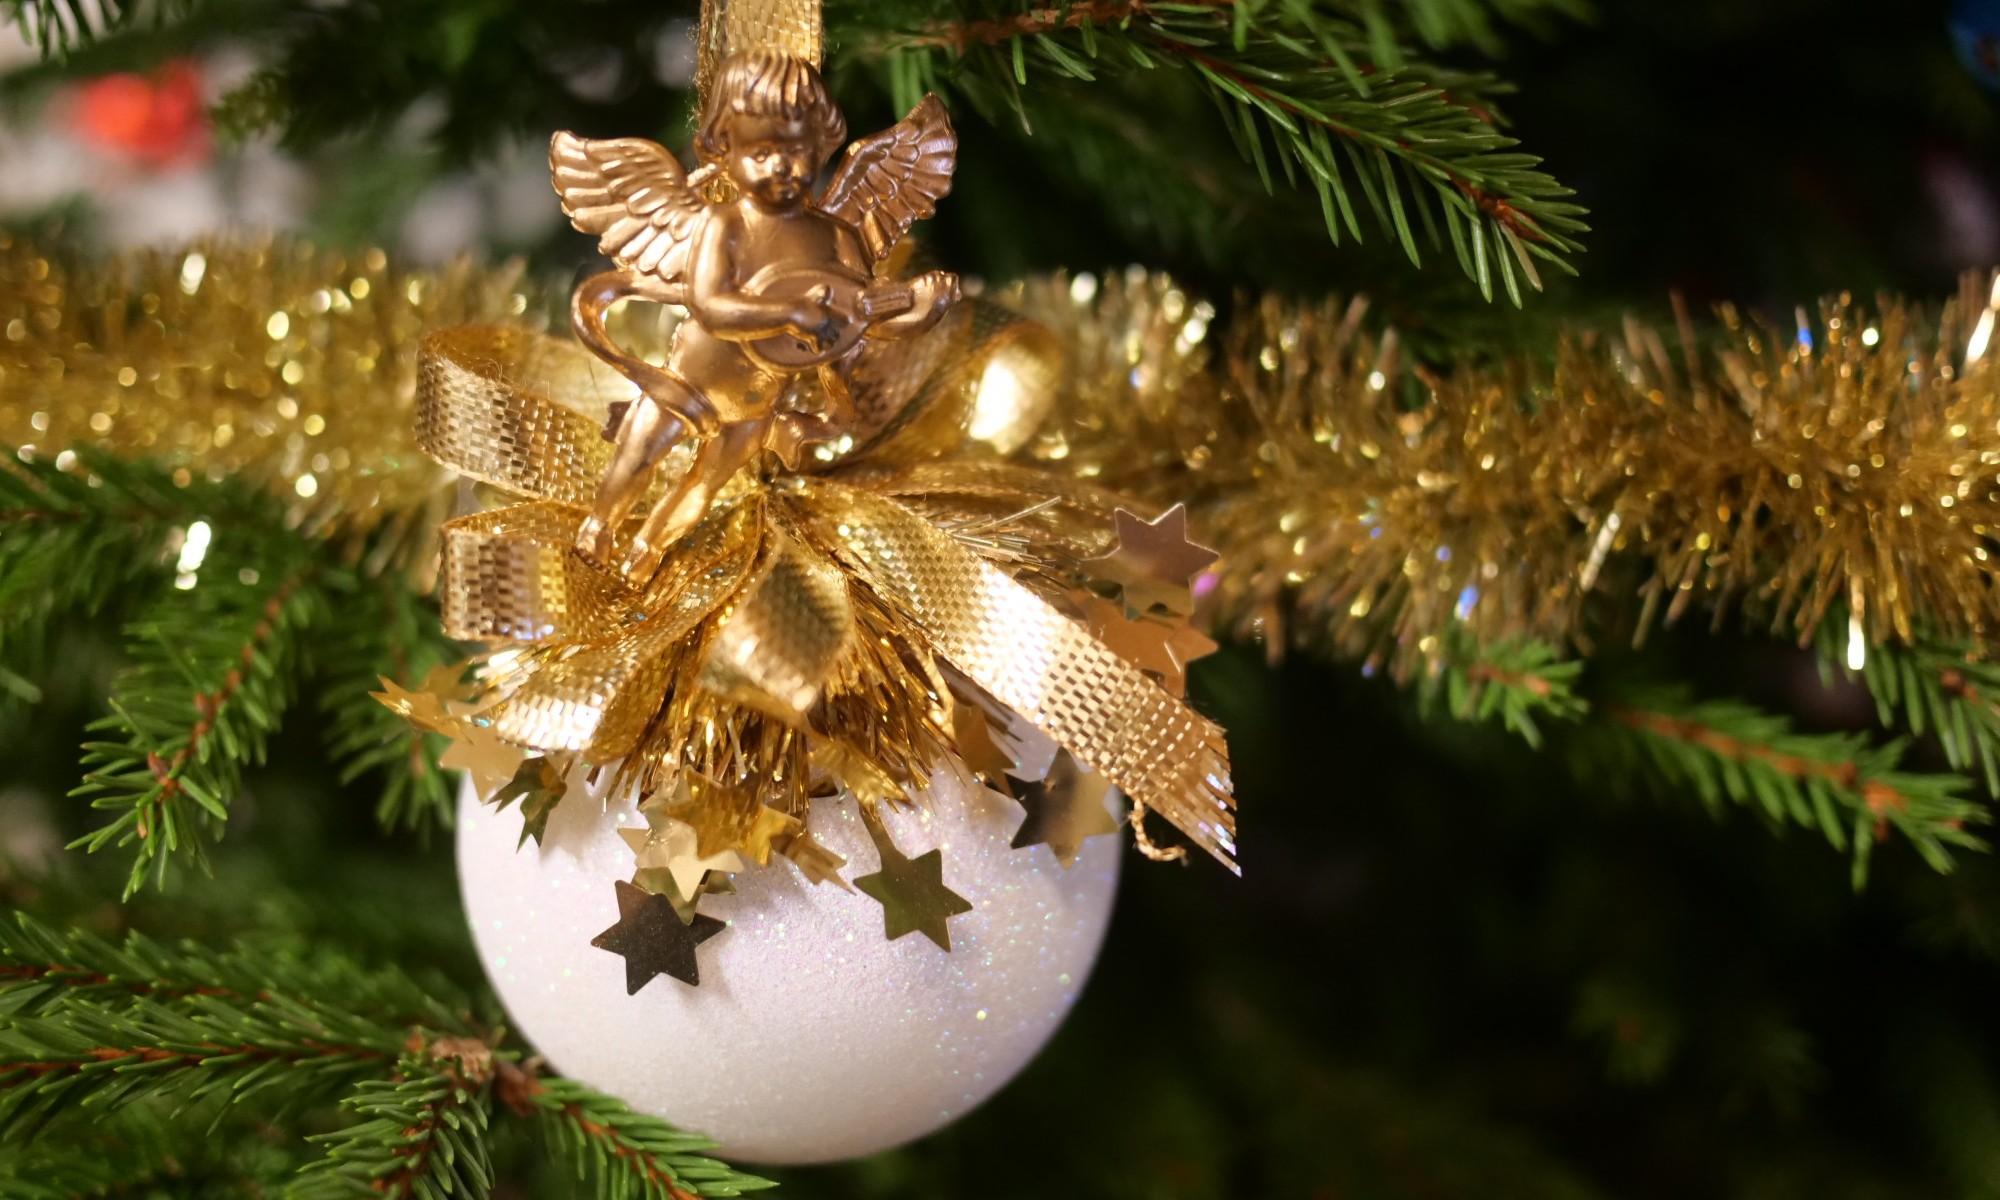 kultainen ja valkoinen joulupallo